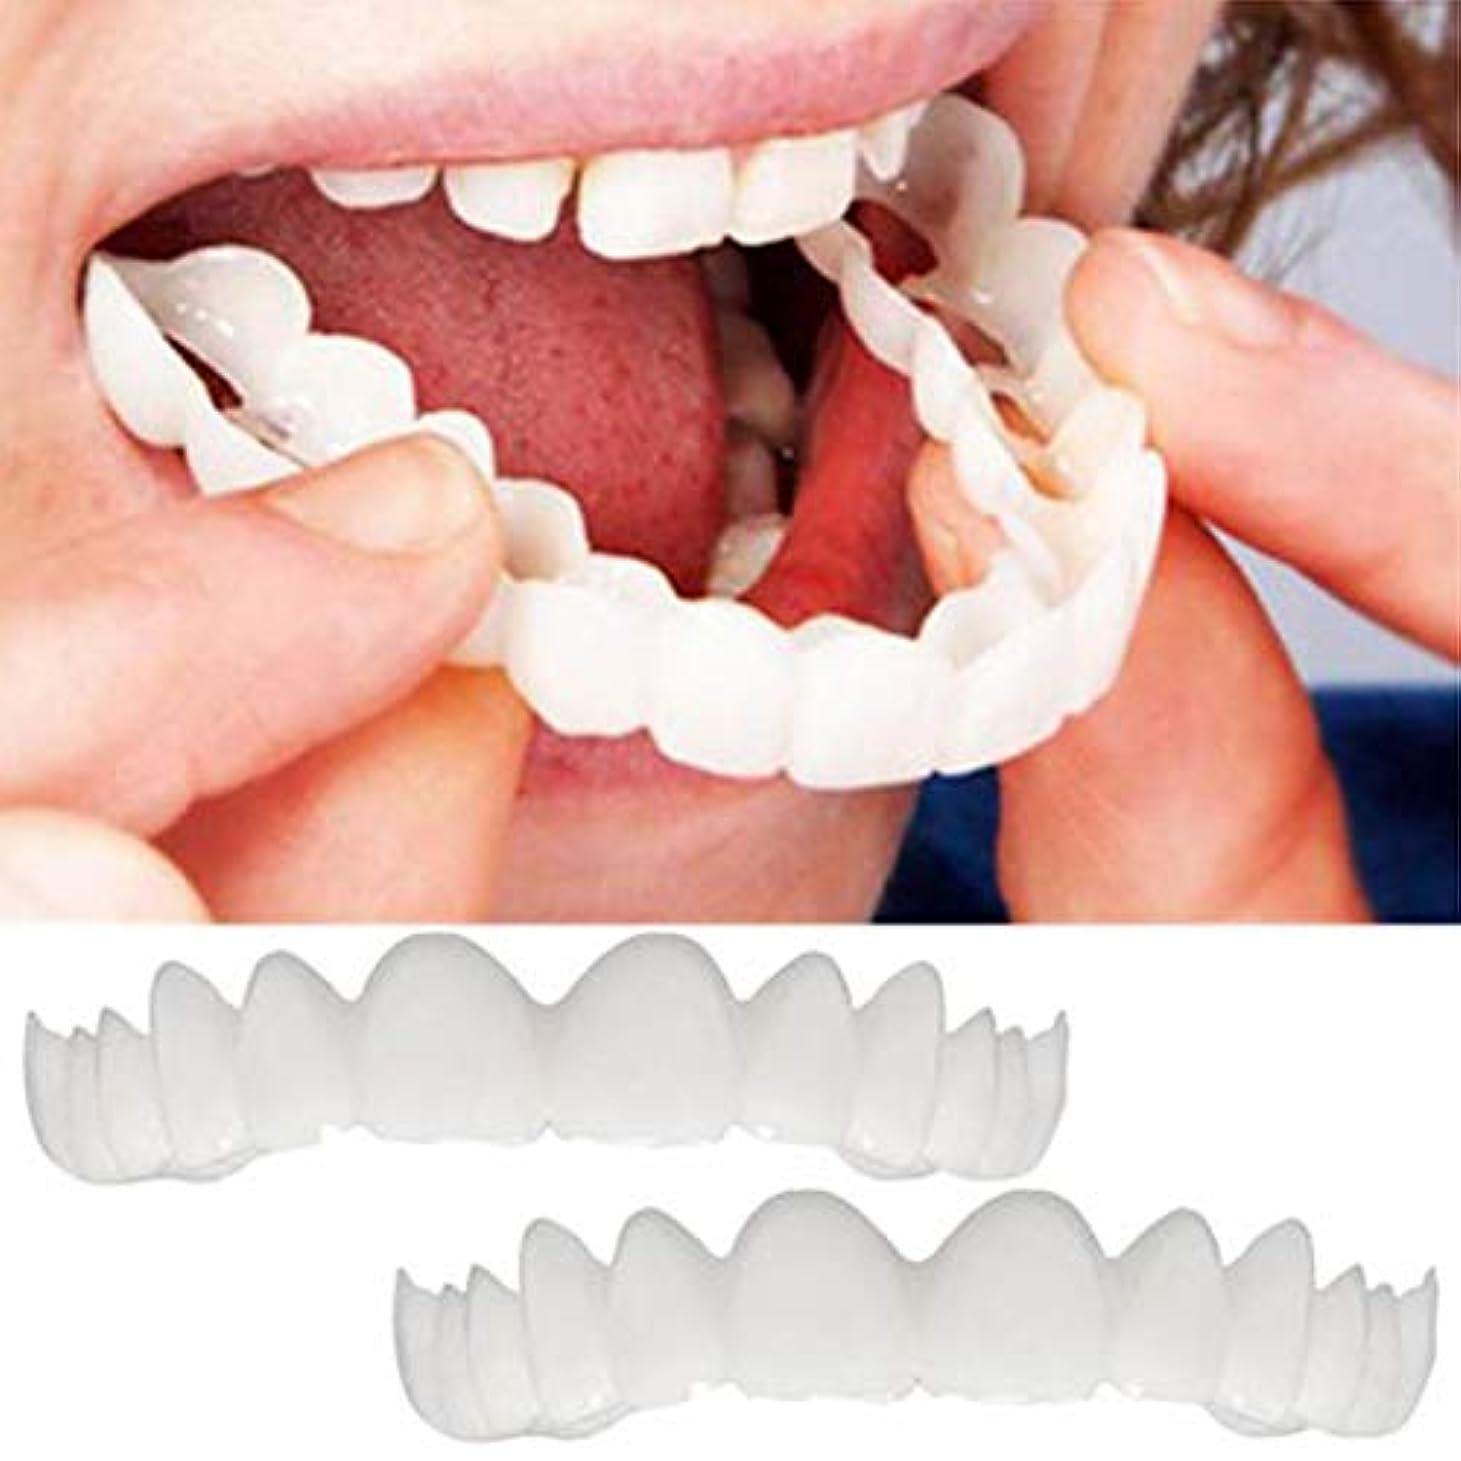 米国たとえ一時停止化粧品の歯、白い歯をきれいにするための快適なフィットフレックス歯のソケット、超快適、快適なフィット感、2セット